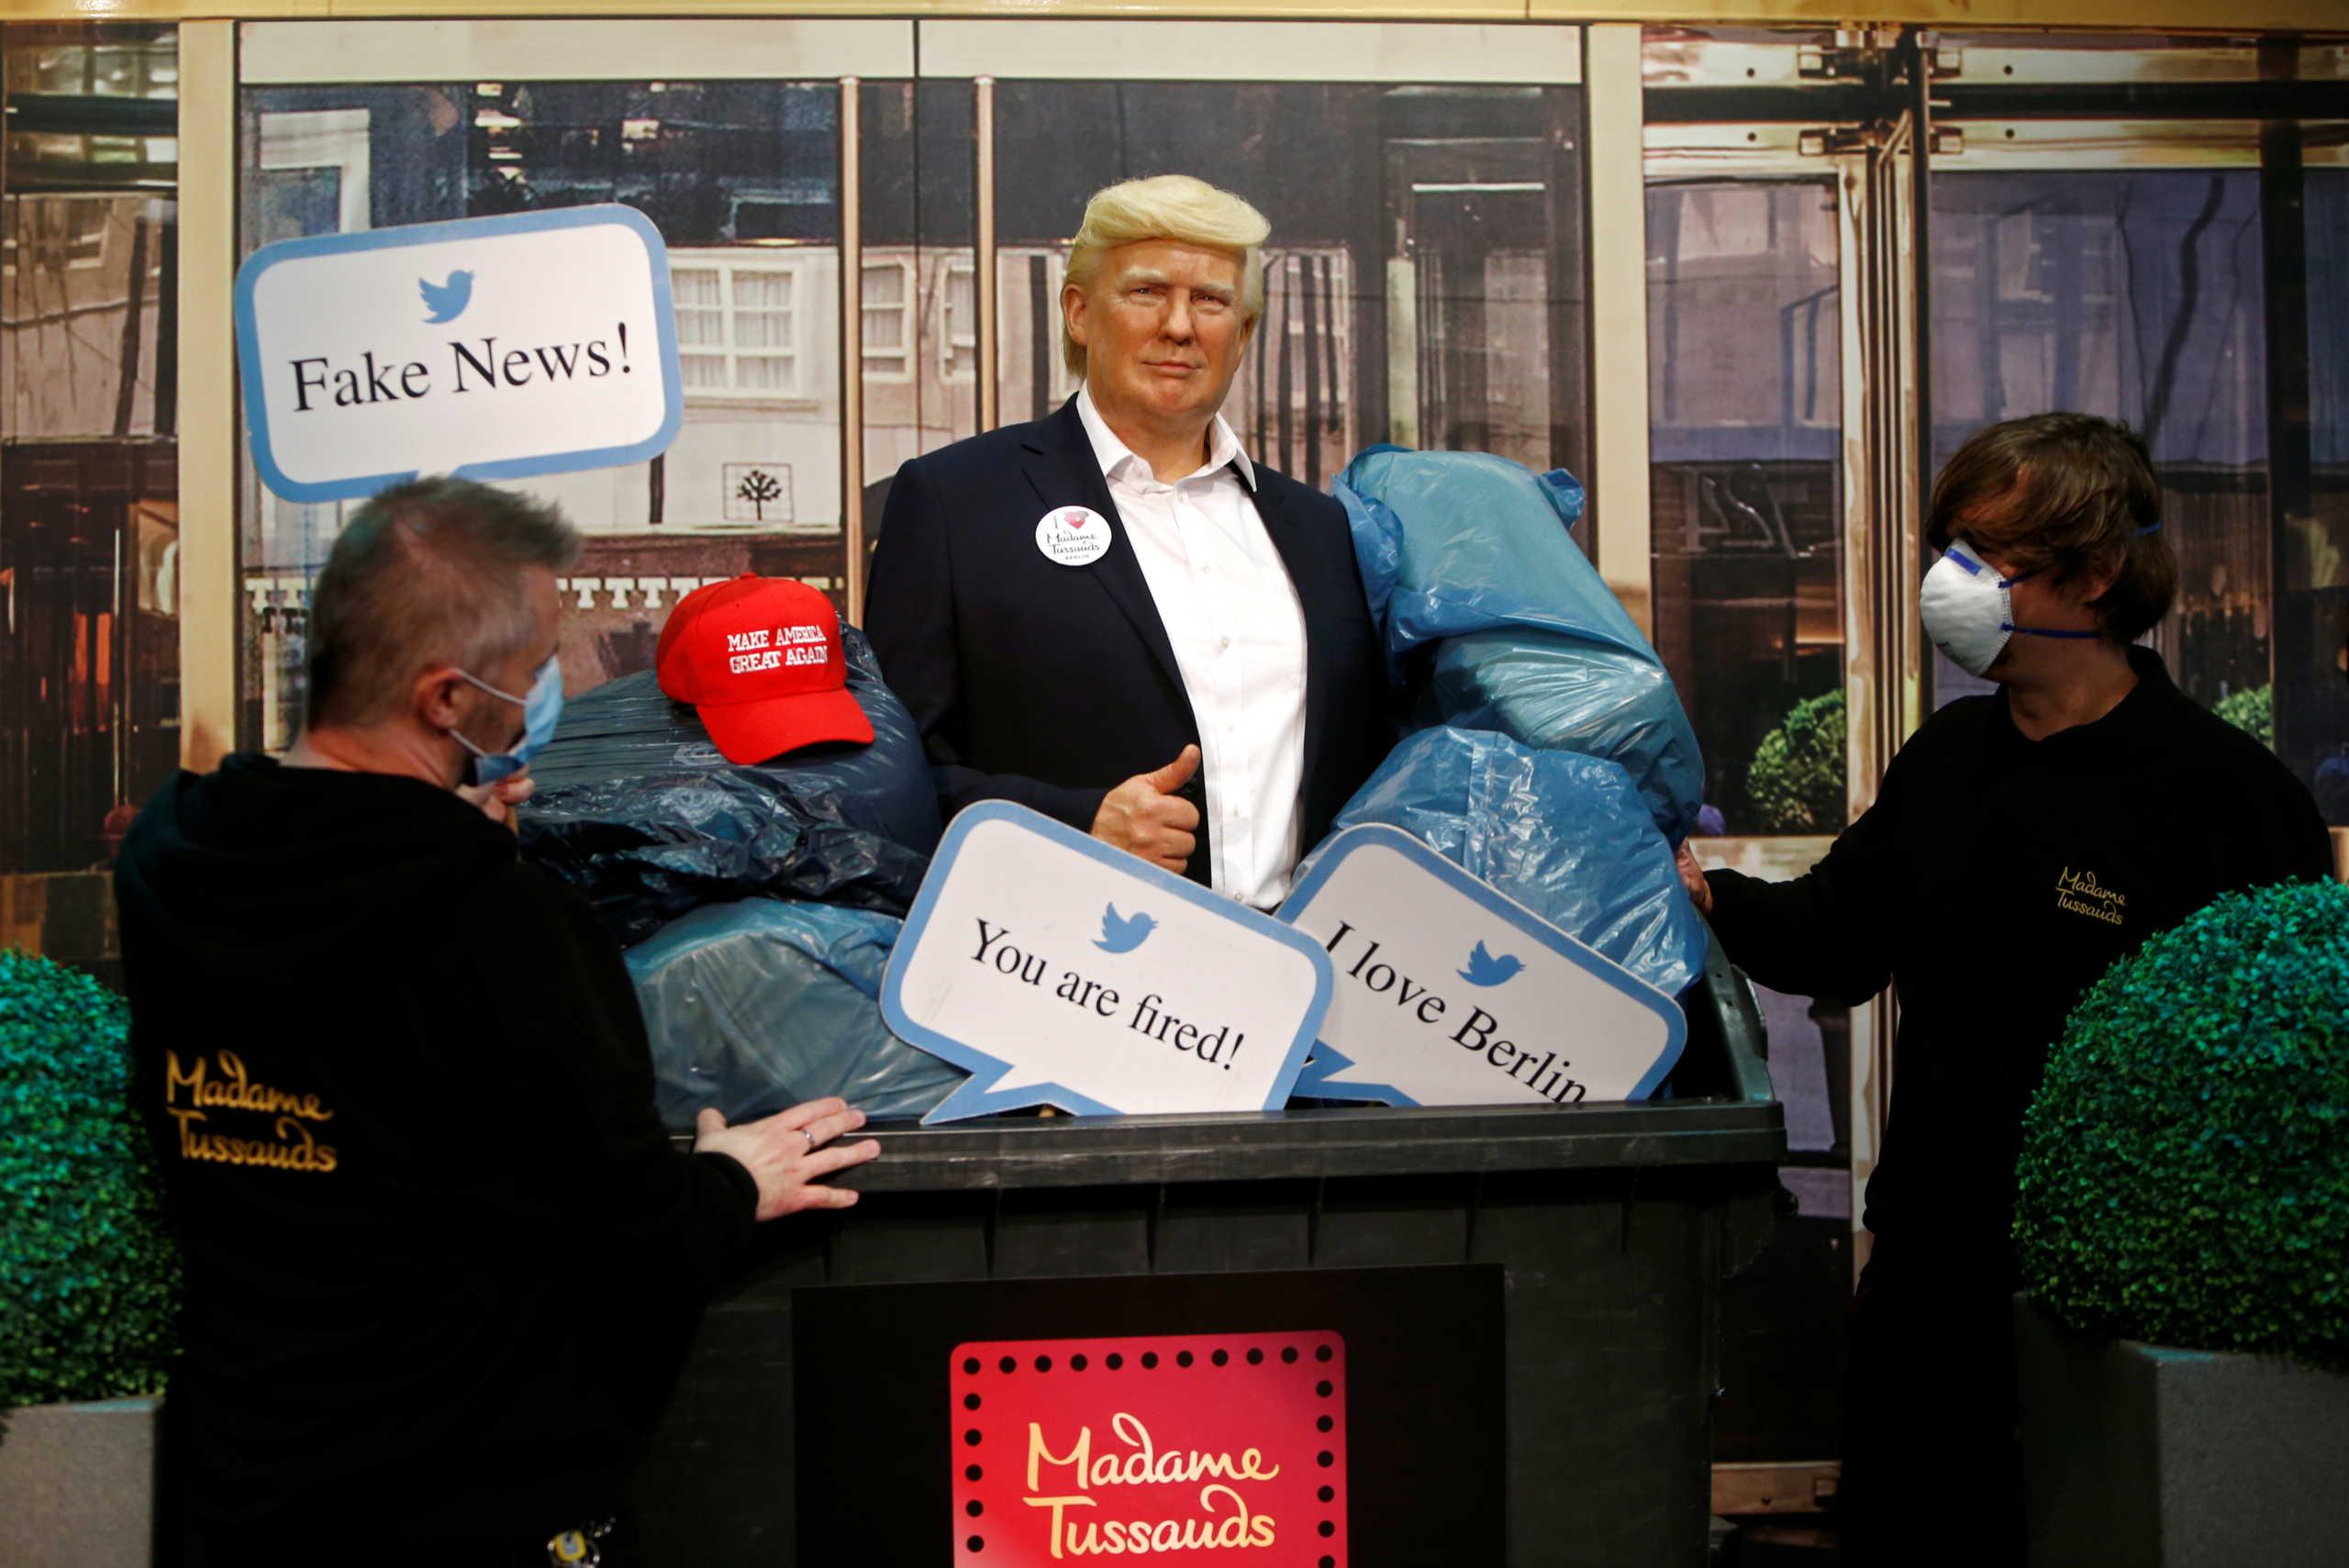 Το μουσείο της Μαντάμ Τισό πέταξε στα σκουπίδια το ομοίωμα του Ντόναλντ Τραμπ